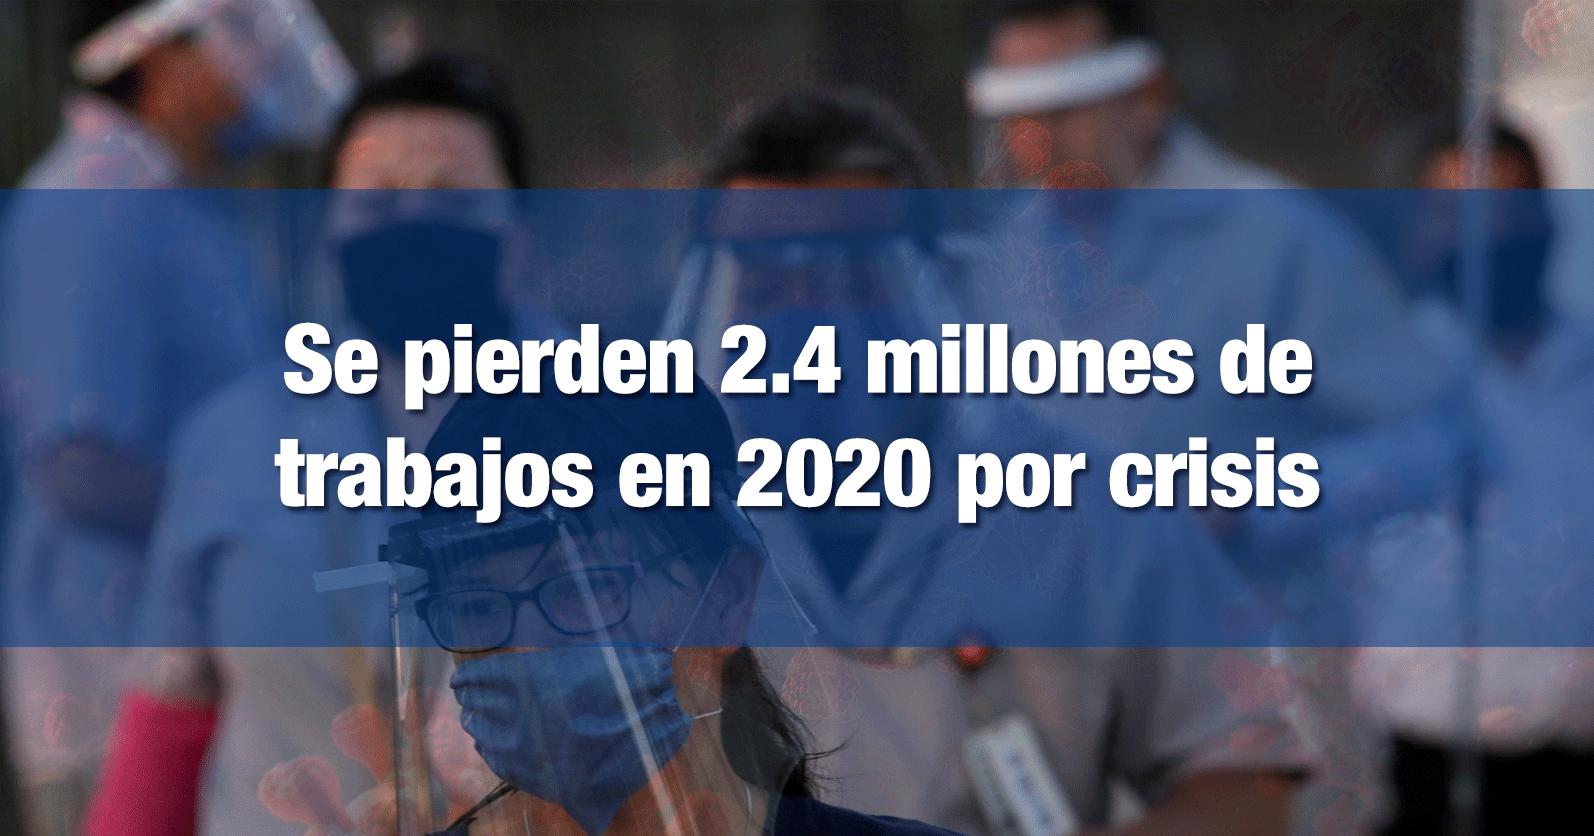 Se pierden 2.4 millones de trabajos en 2020 por crisis